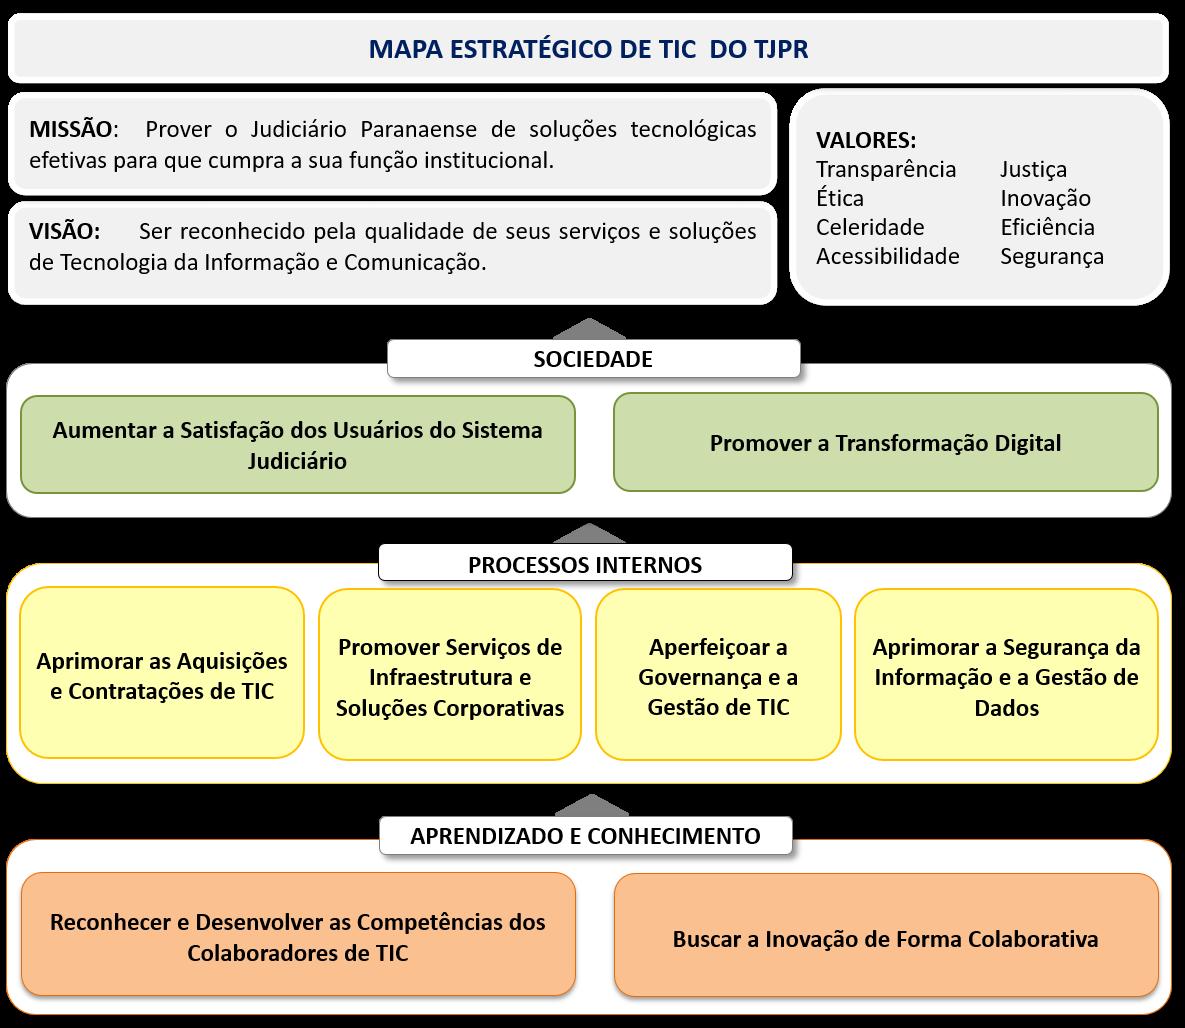 Mapa Estratégico de TIC do TJPR período de 2021-2026